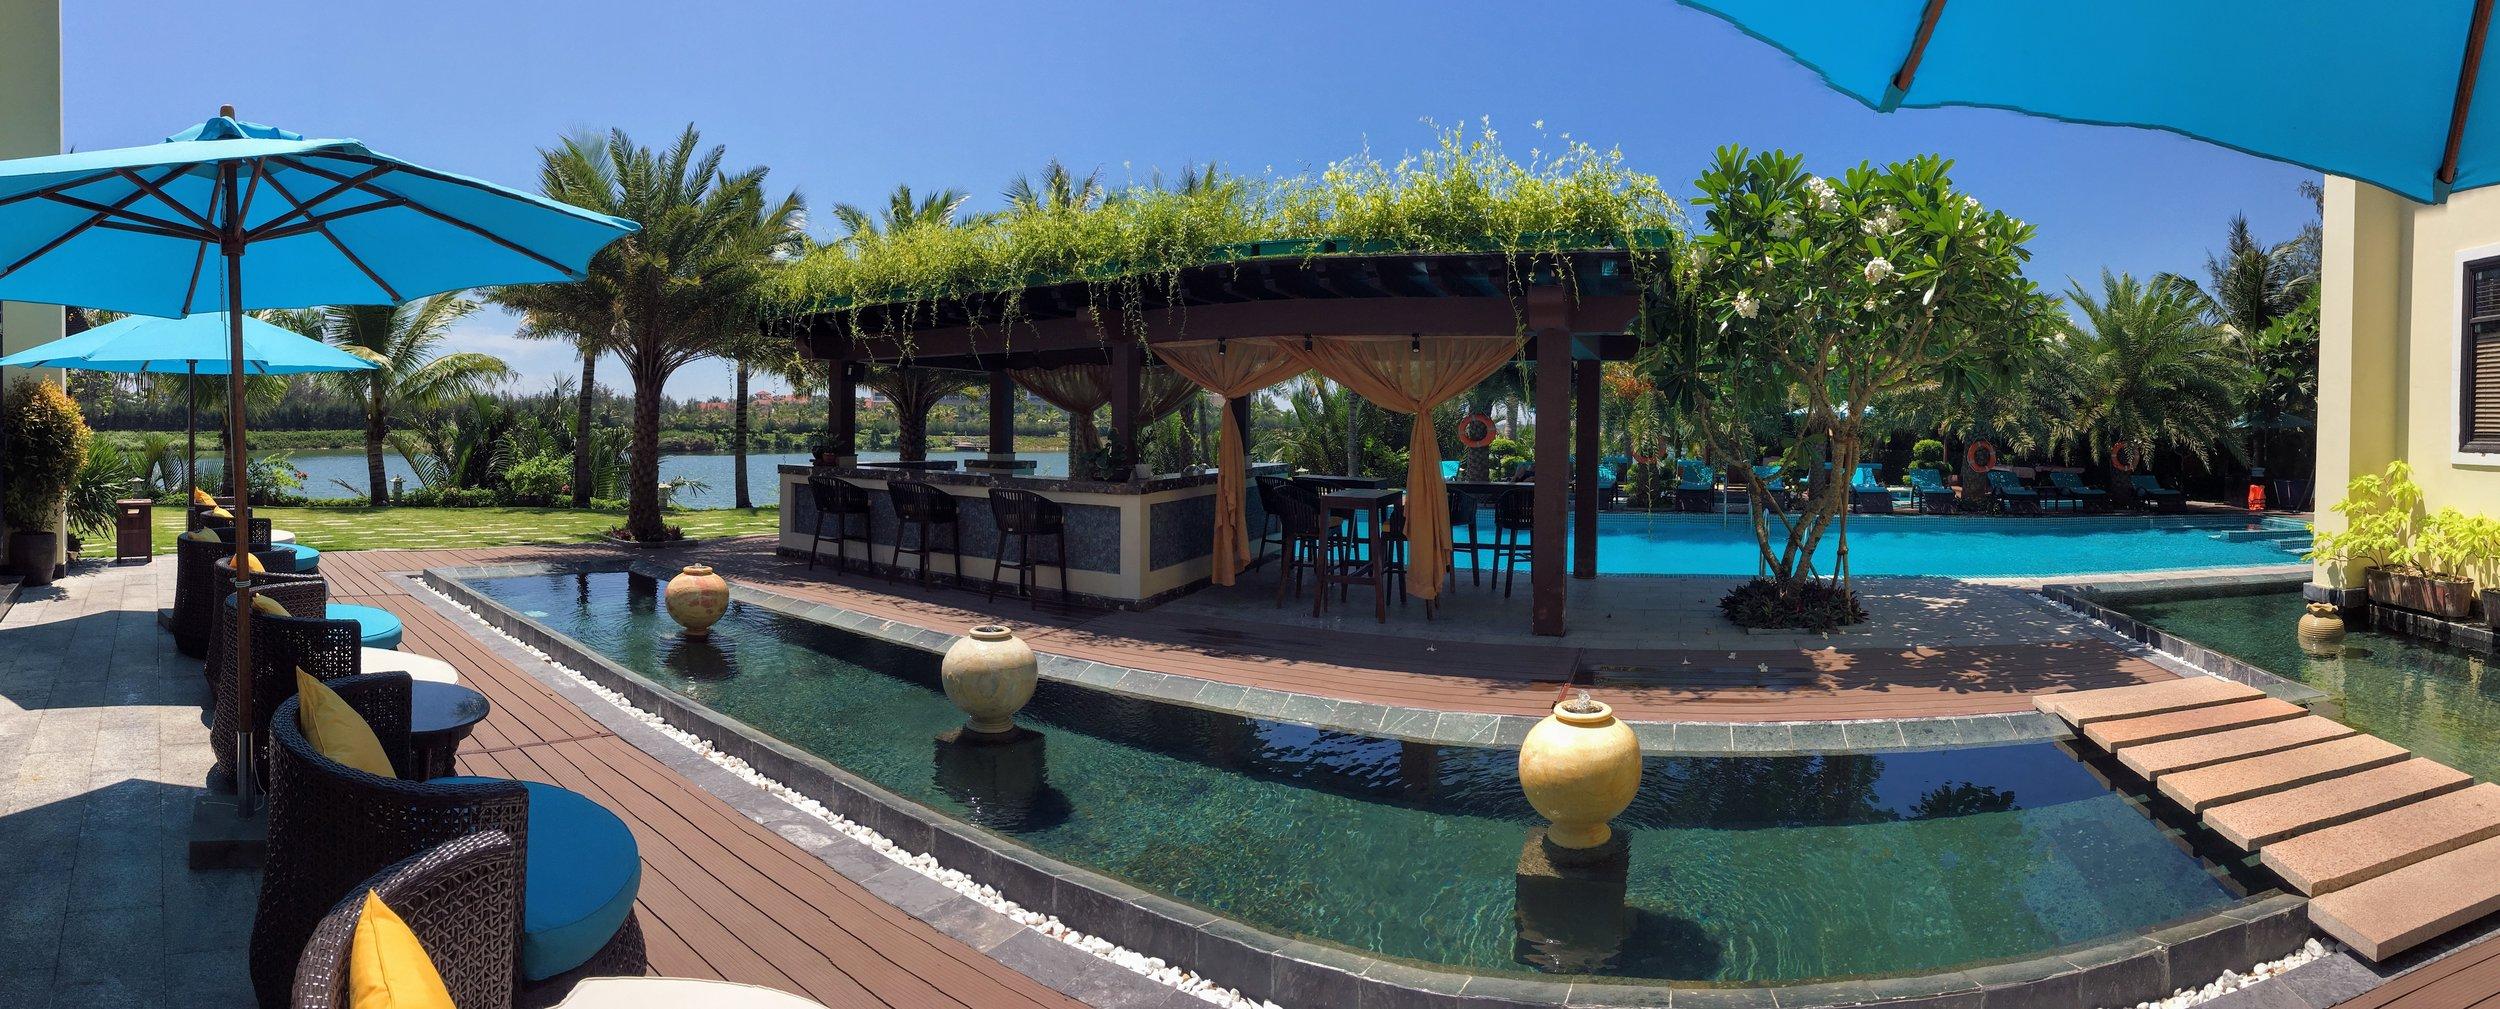 Spa pool area.jpg